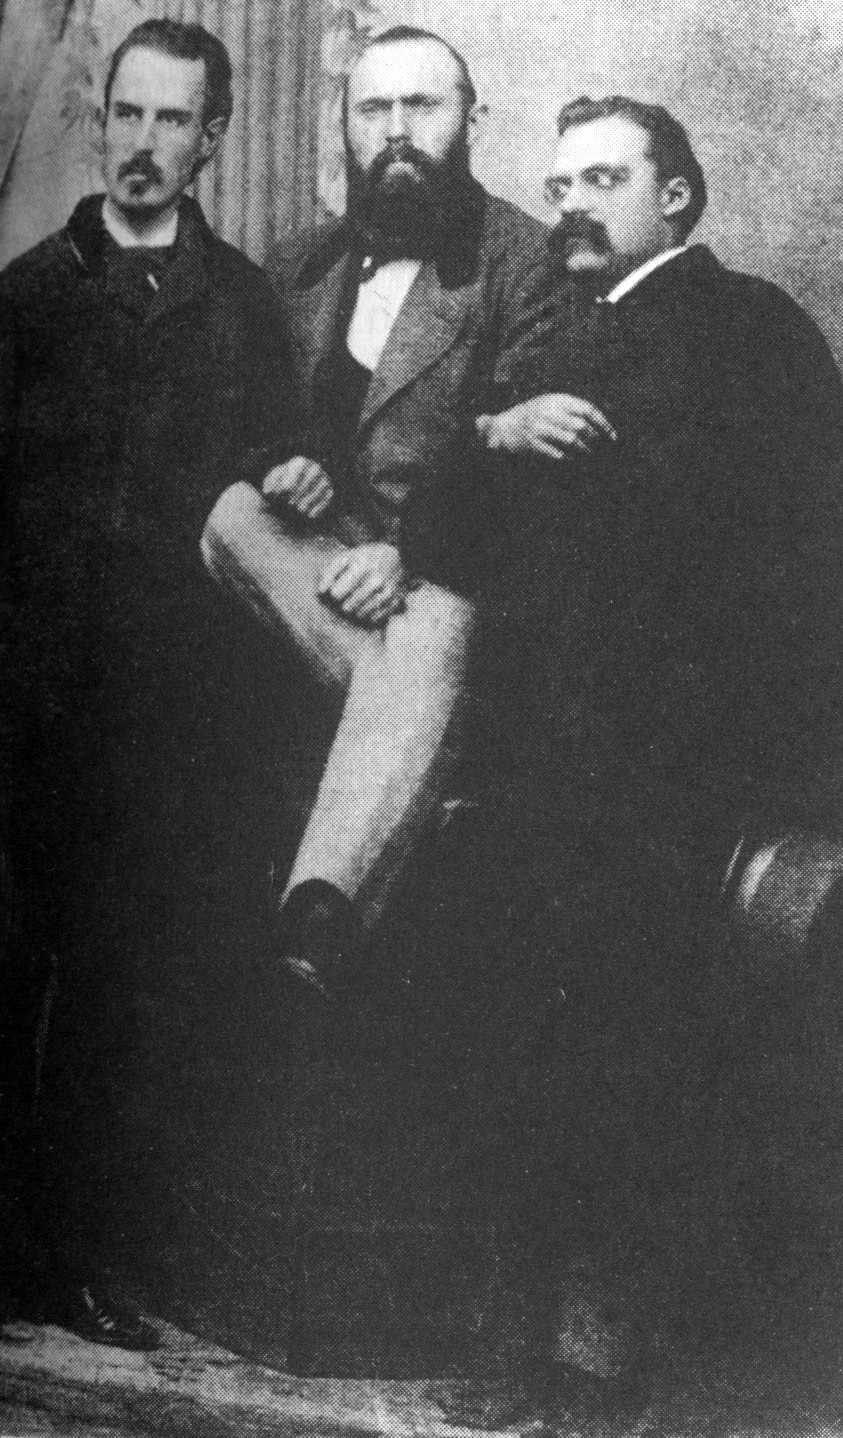 Rohde Gersdorff Nietzsche